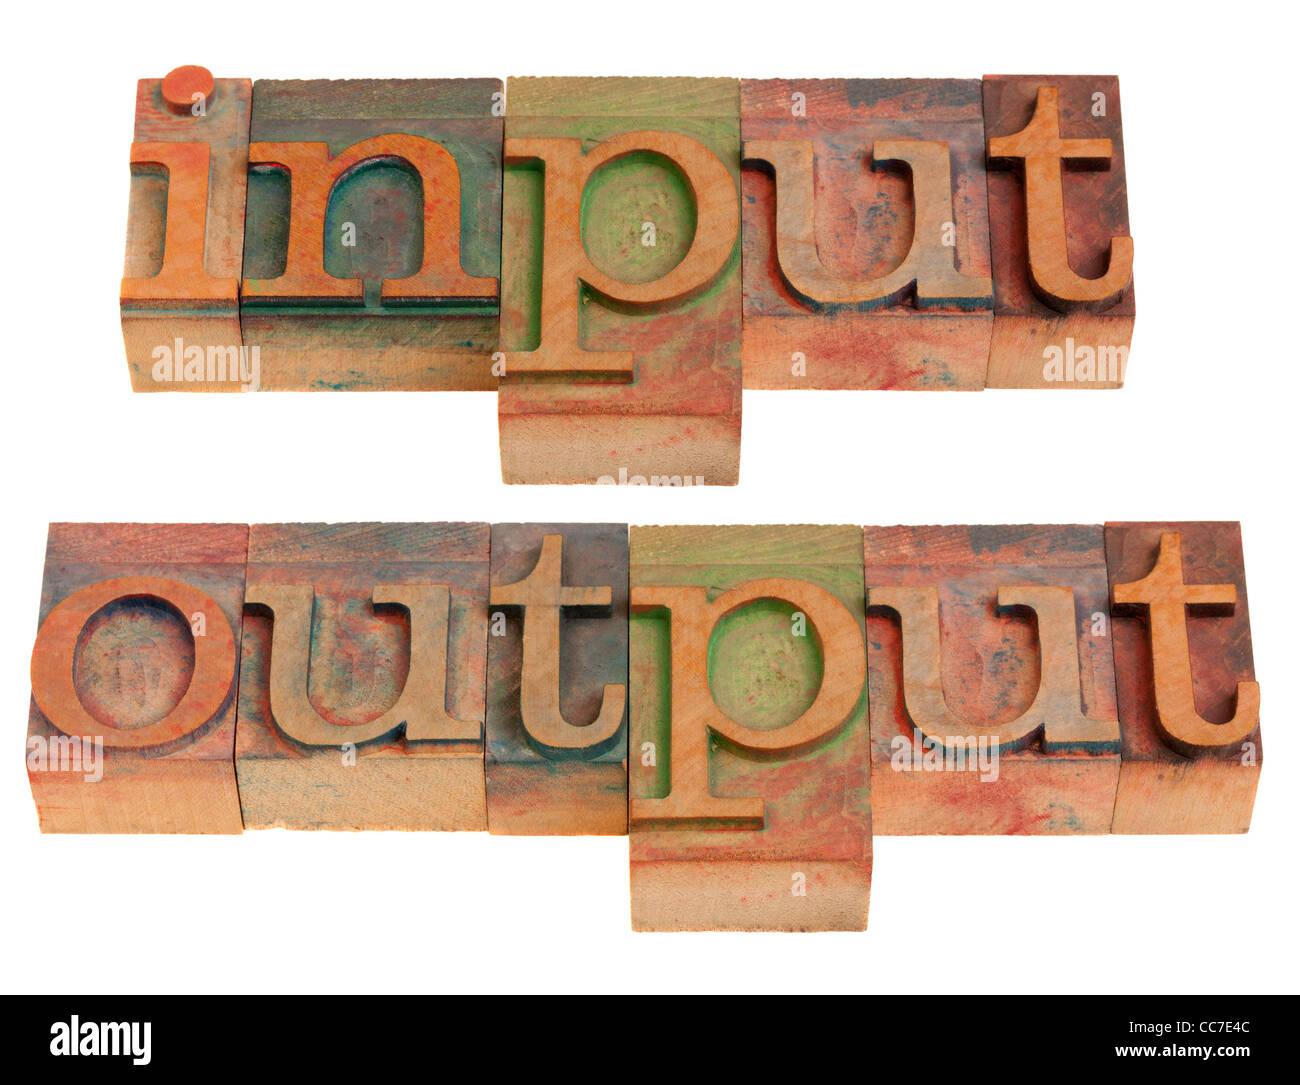 Eingangs- und Wörter in Vintage Holz Buchdruck Blöcke isoliert auf weiss Stockbild